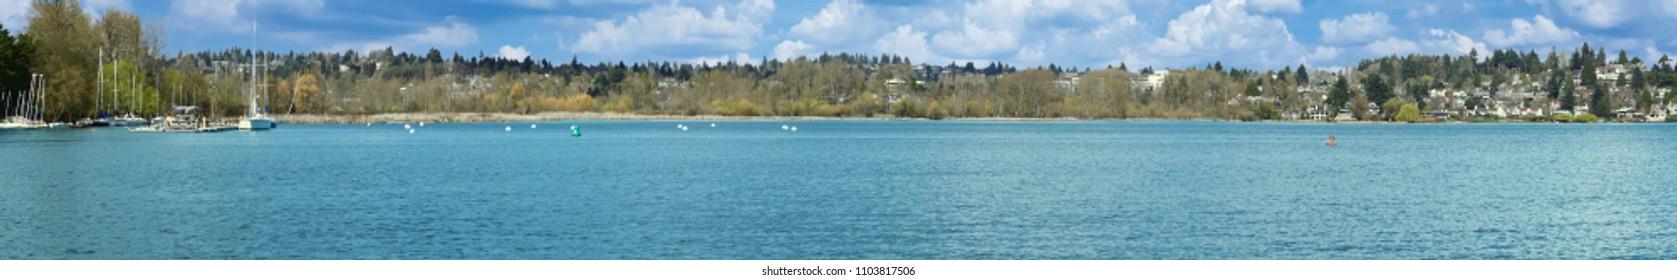 Spring panorama of Laurelhurst residential area on Lake Washington in Seattle